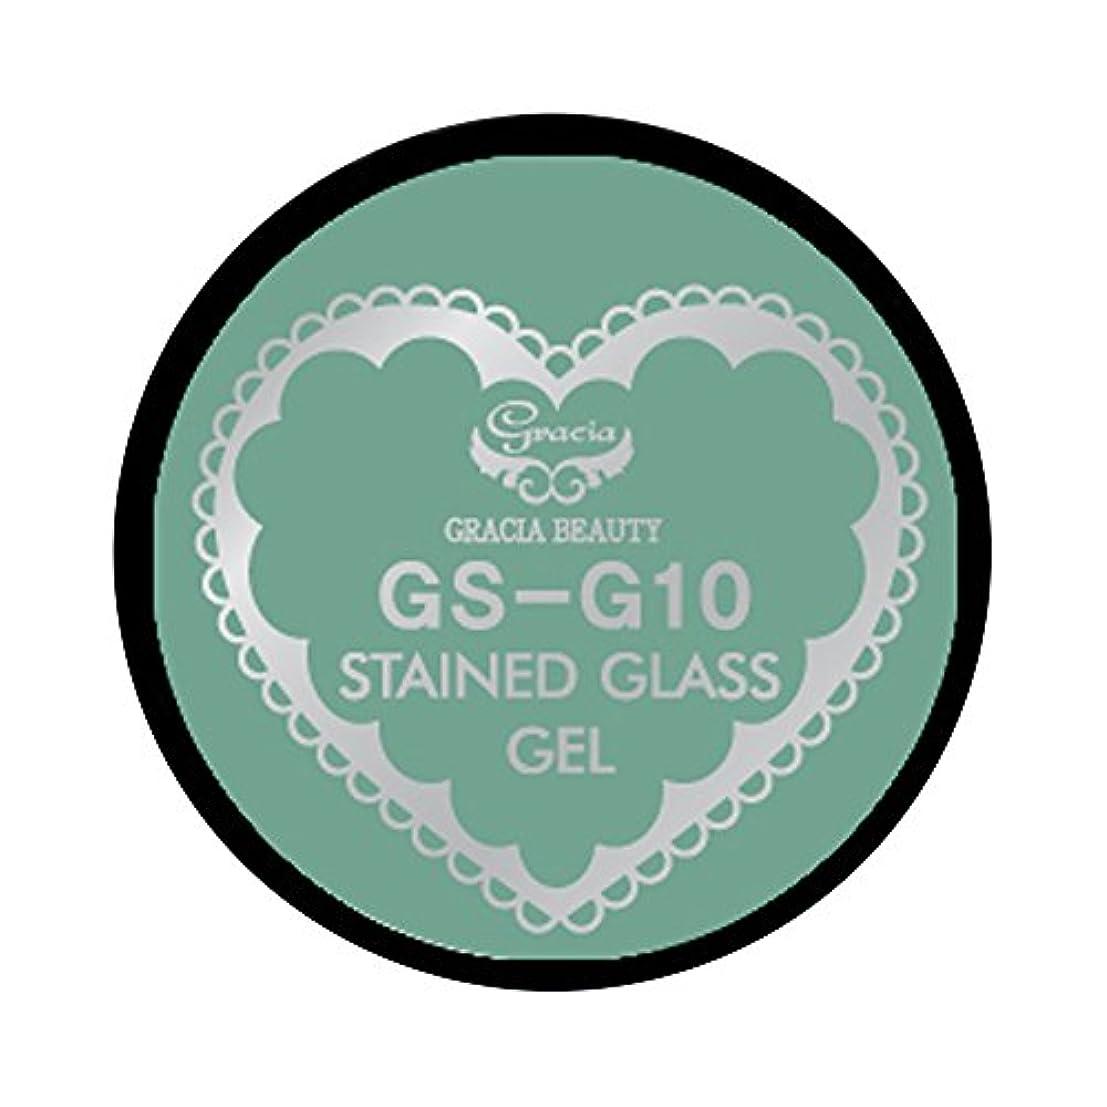 保持砂の残高グラシア ジェルネイル ステンドグラスジェル GSM-G10 3g  グリッター UV/LED対応 カラージェル ソークオフジェル ガラスのような透明感